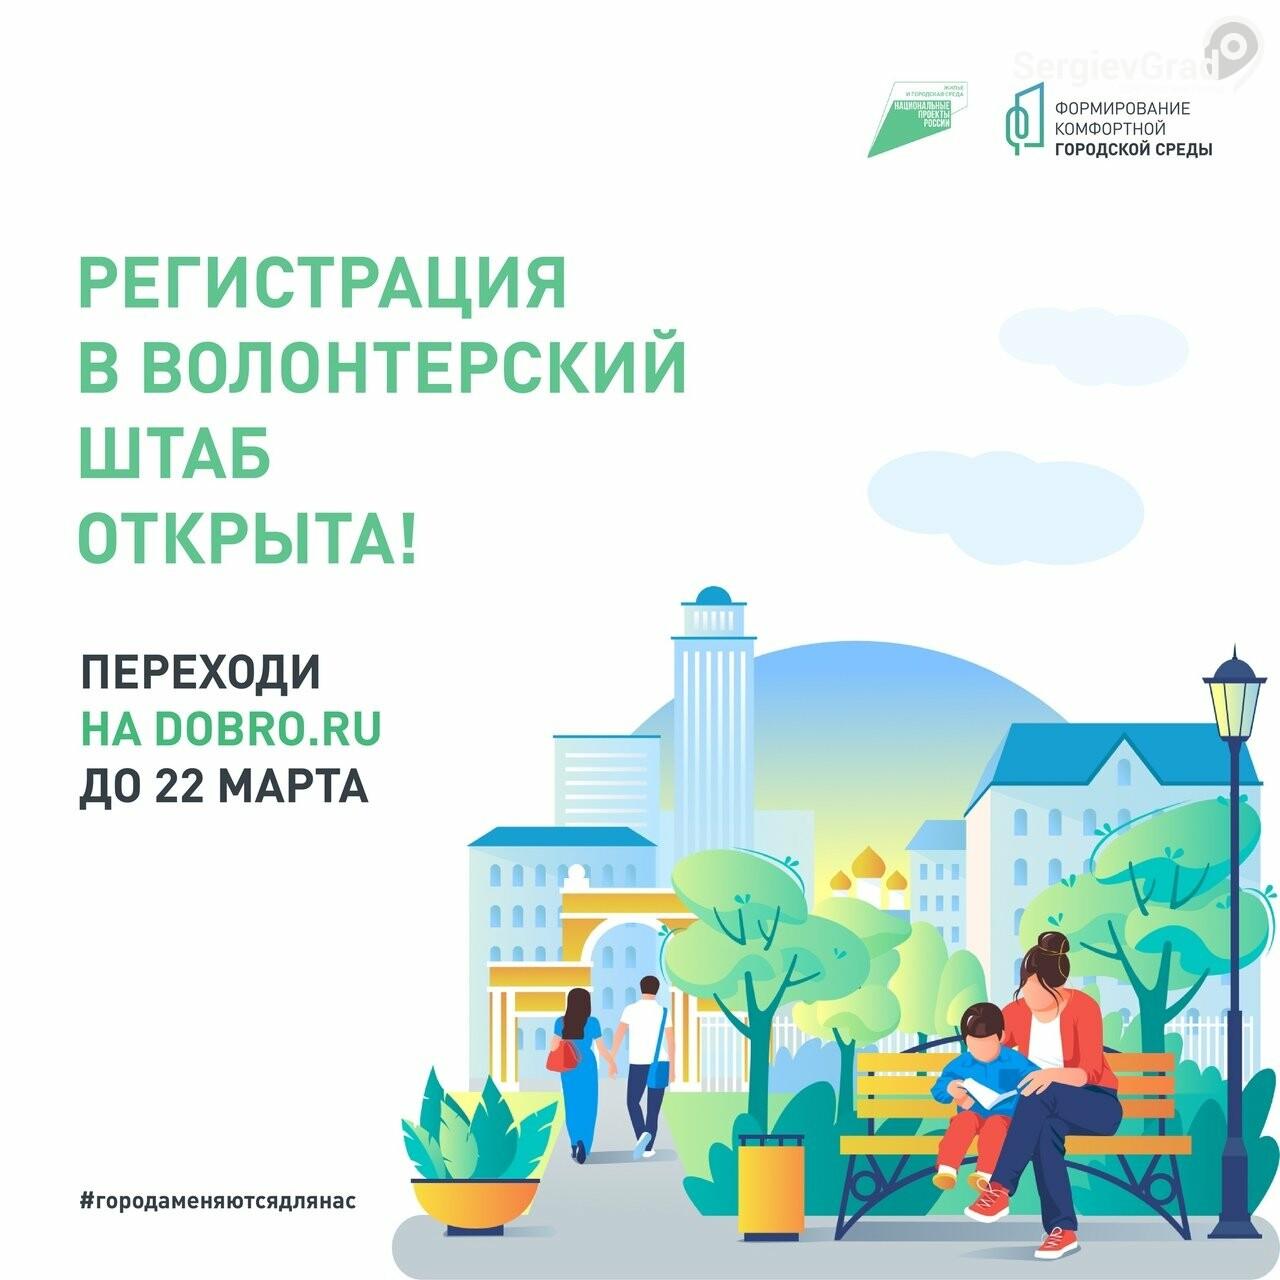 24 февраля стартовала регистрация волонтёров для проекта общероссийского масштаба